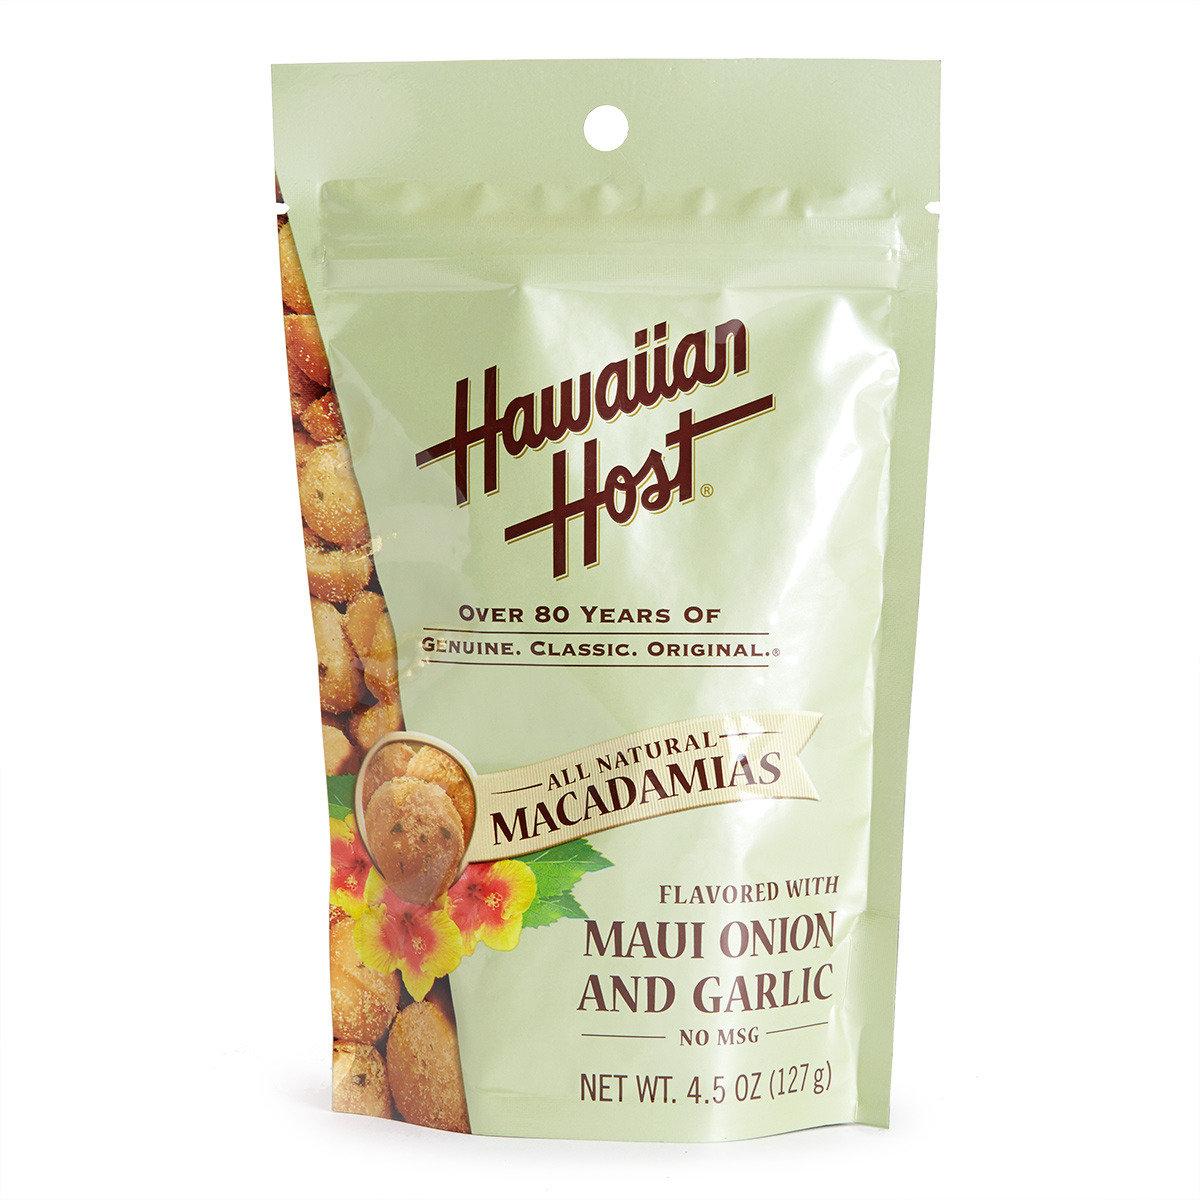 夏威夷果仁蔥蒜味